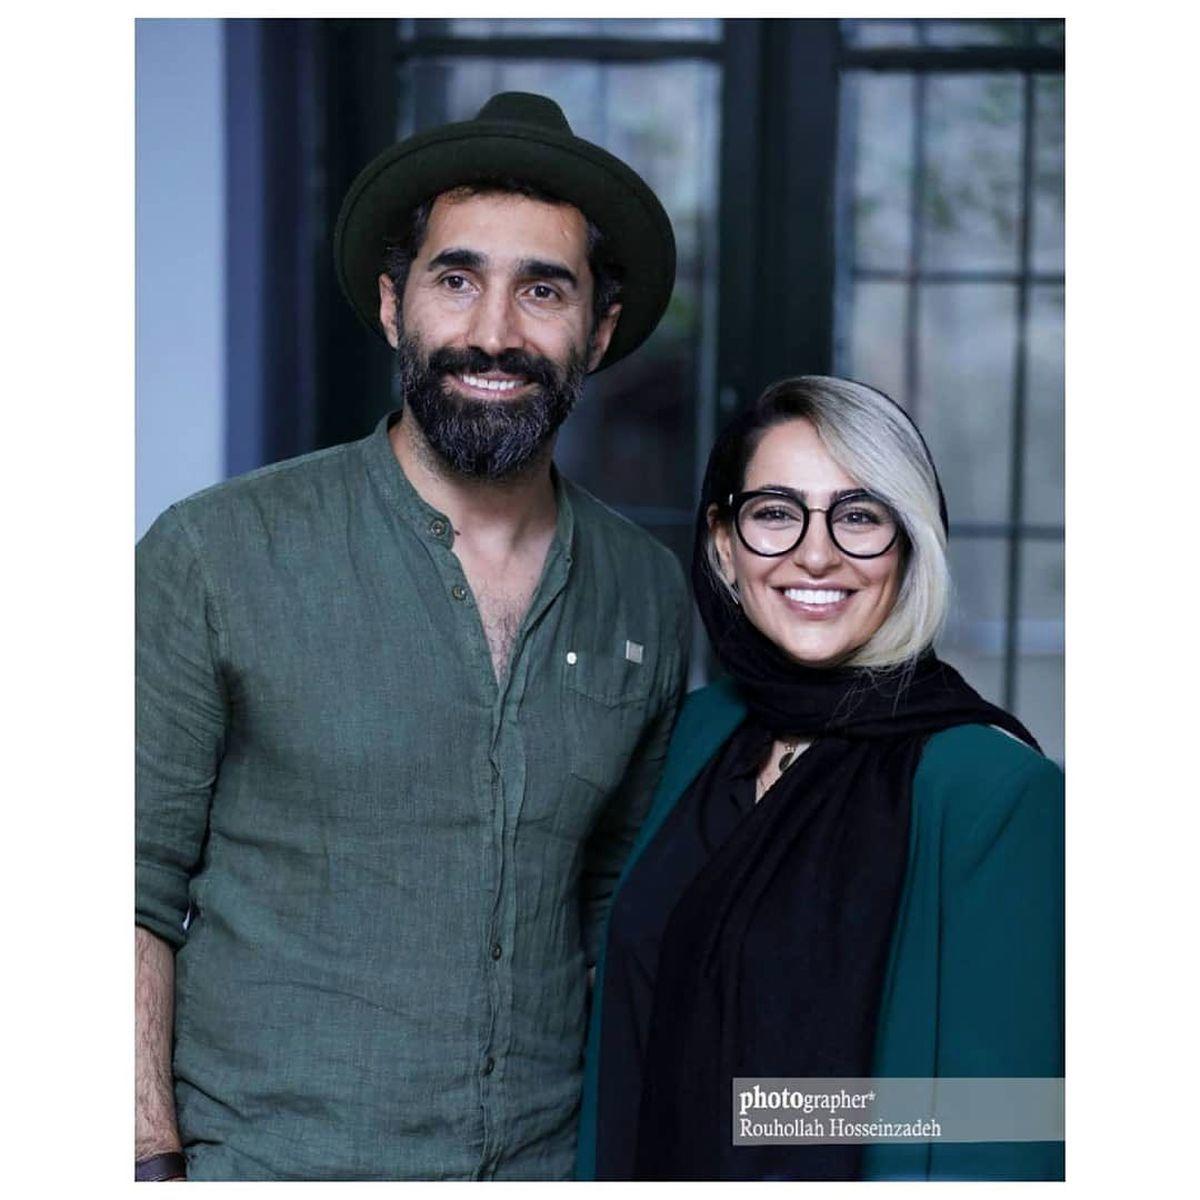 نمایشگاه عکس هادی کاظمی و تغییر چهره سمانه پاکدل بازیگر مشهور+تصاویر